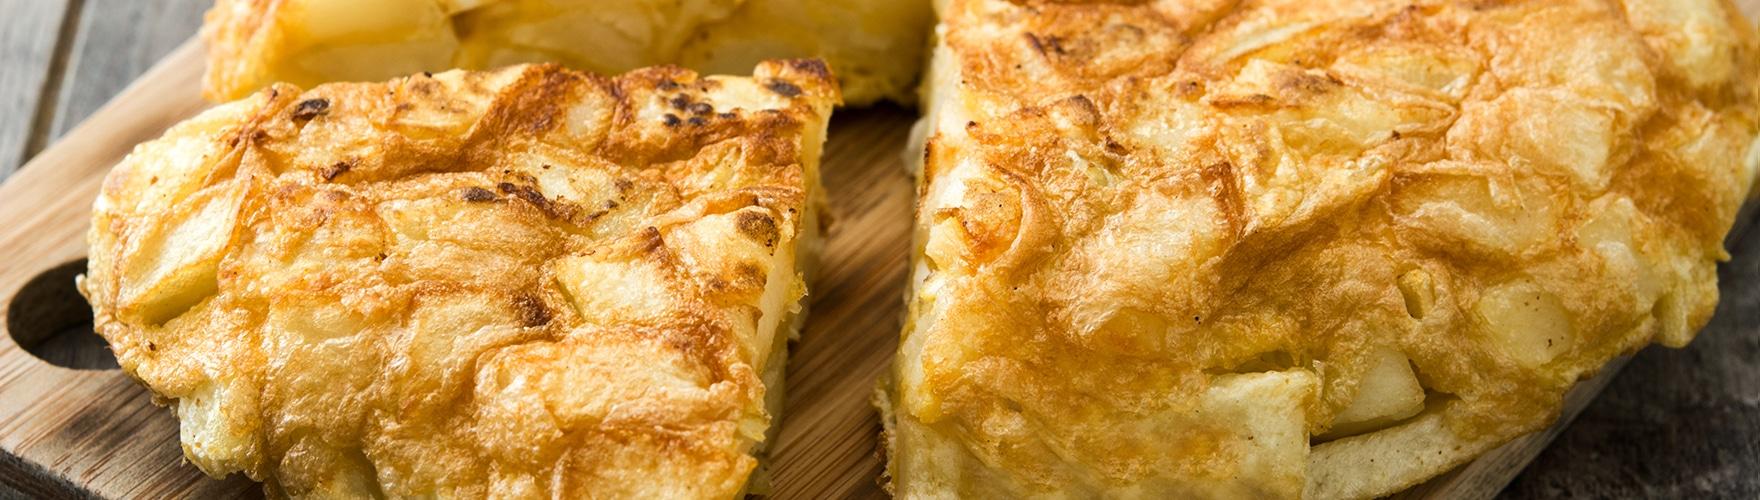 Tortilla de patatas, huevo y queso cremoso